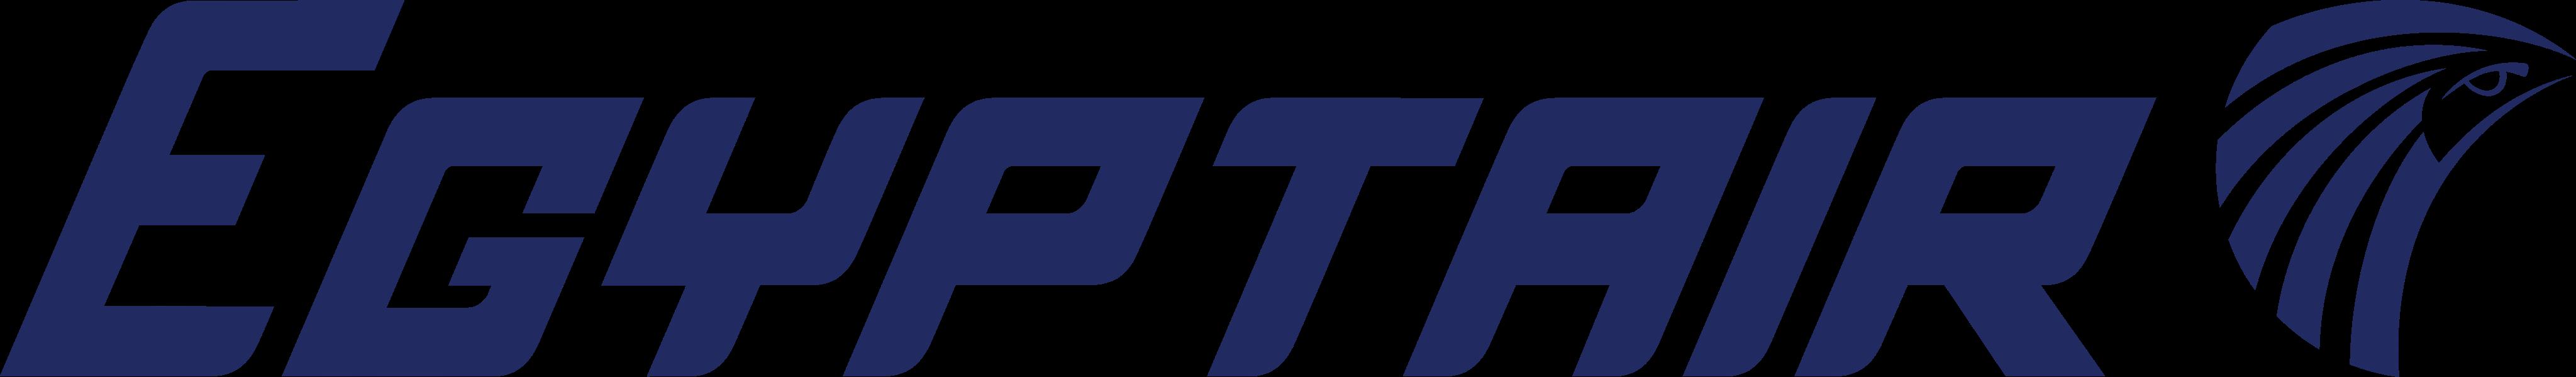 egyptair logo - Egyptair logo